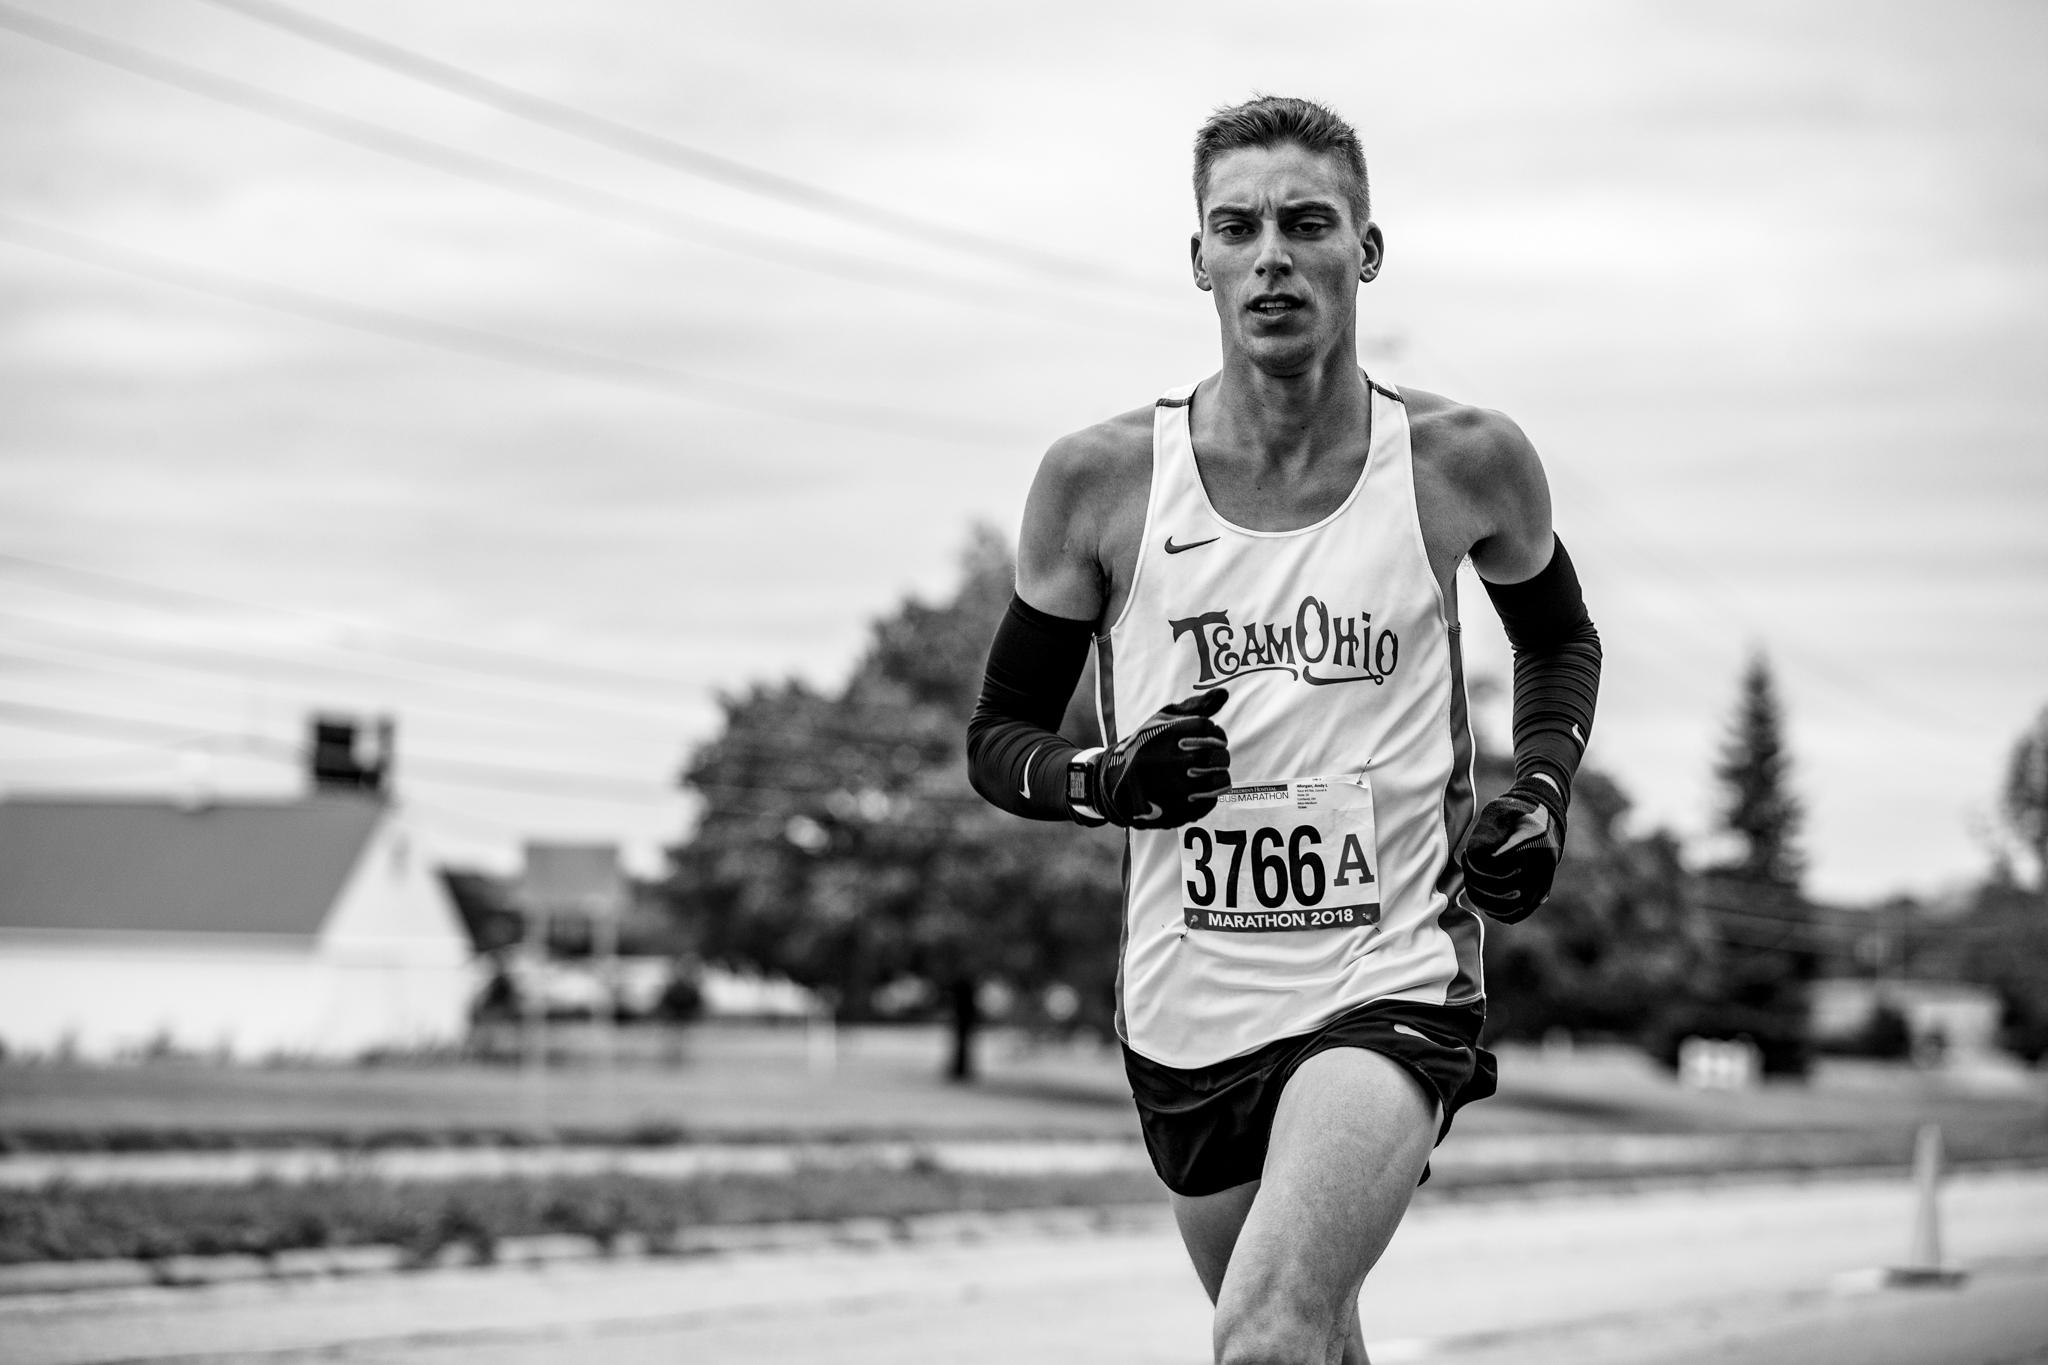 Cols-Marathon-2018_006_bko.jpg